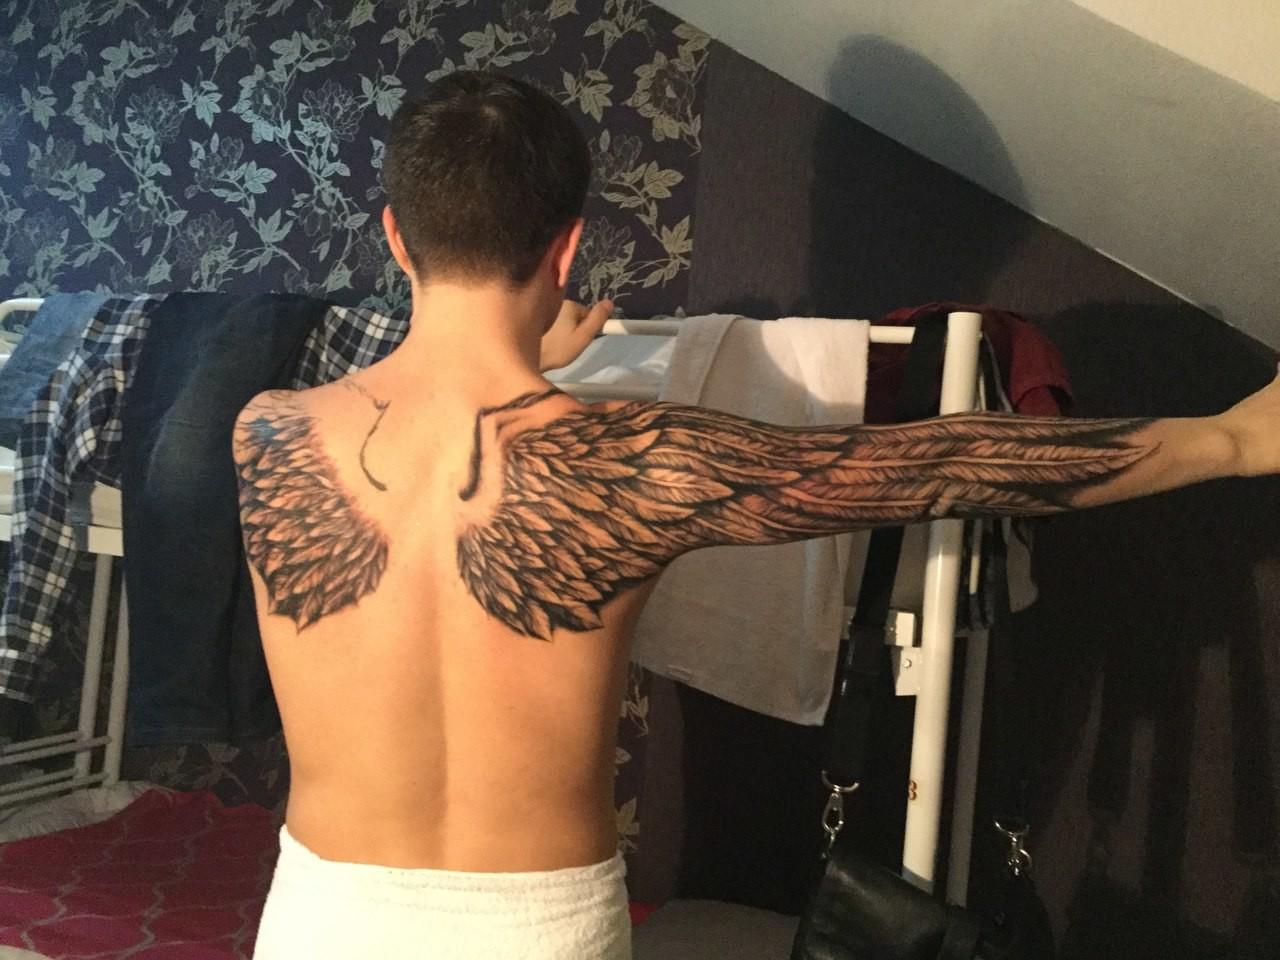 Крылья на руках тату фото